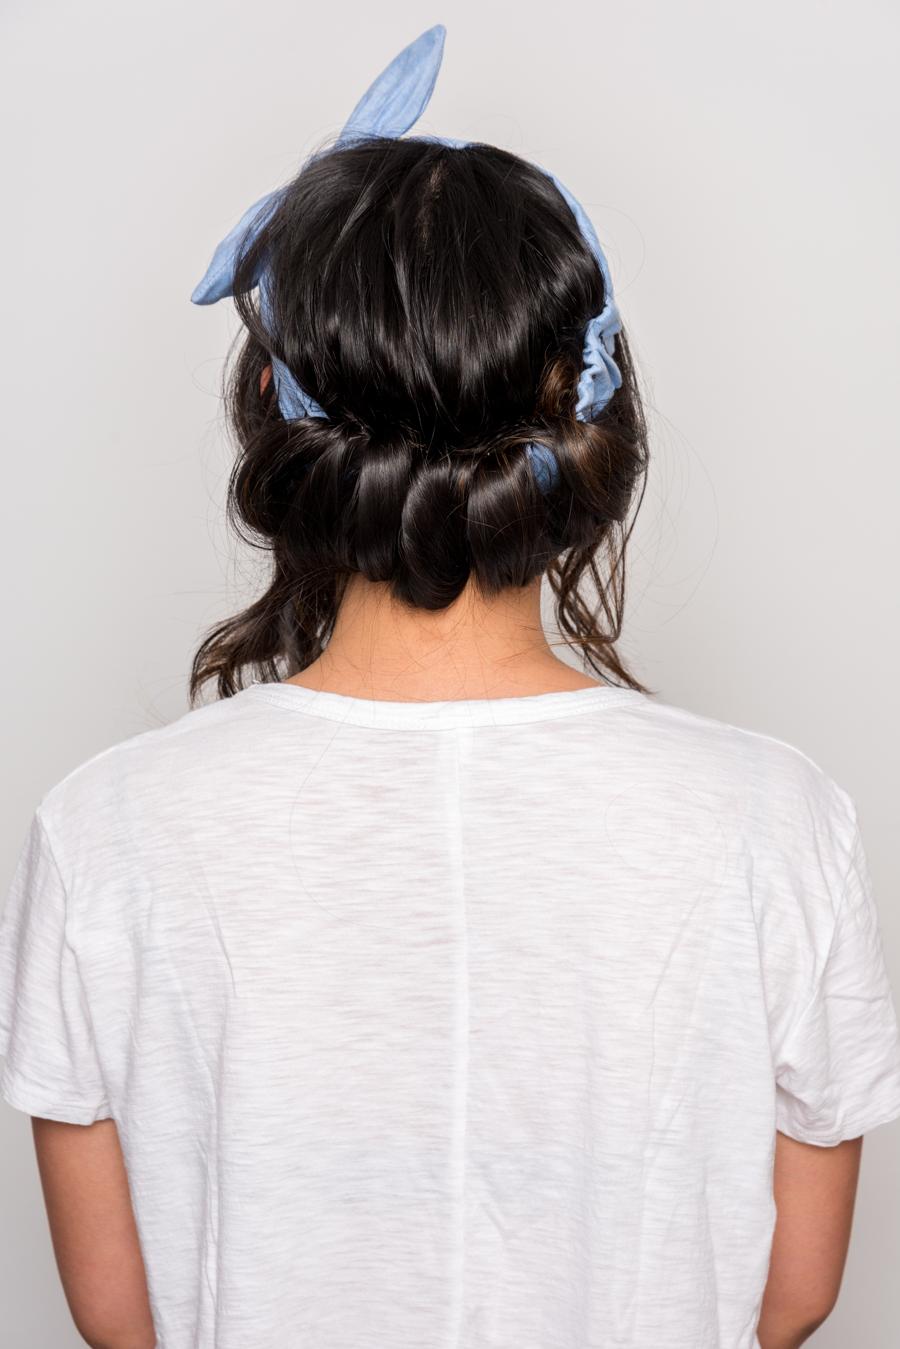 How To Do An Easy Headband Updo 夏にオススメの簡単ヘアアレンジ 10